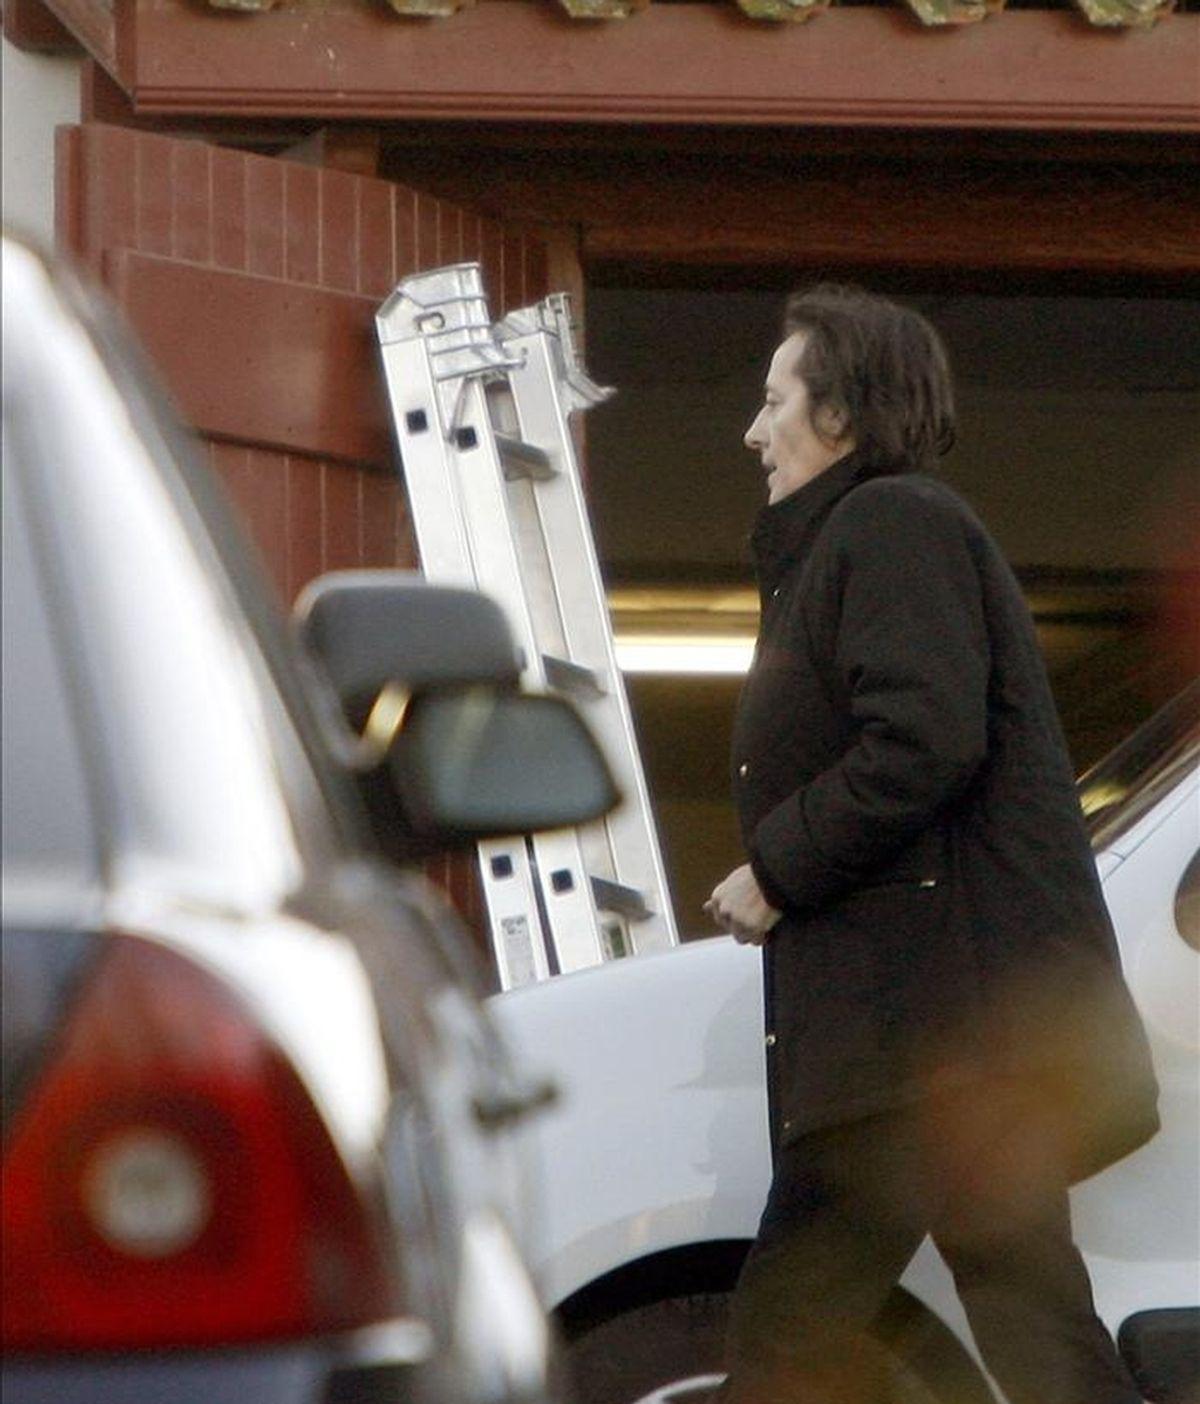 La juez antiterrorista francesa Laurence Le Vert durante un registro en una casa de la localidad vascofrancesa de Urrugne. EFE/Archivo